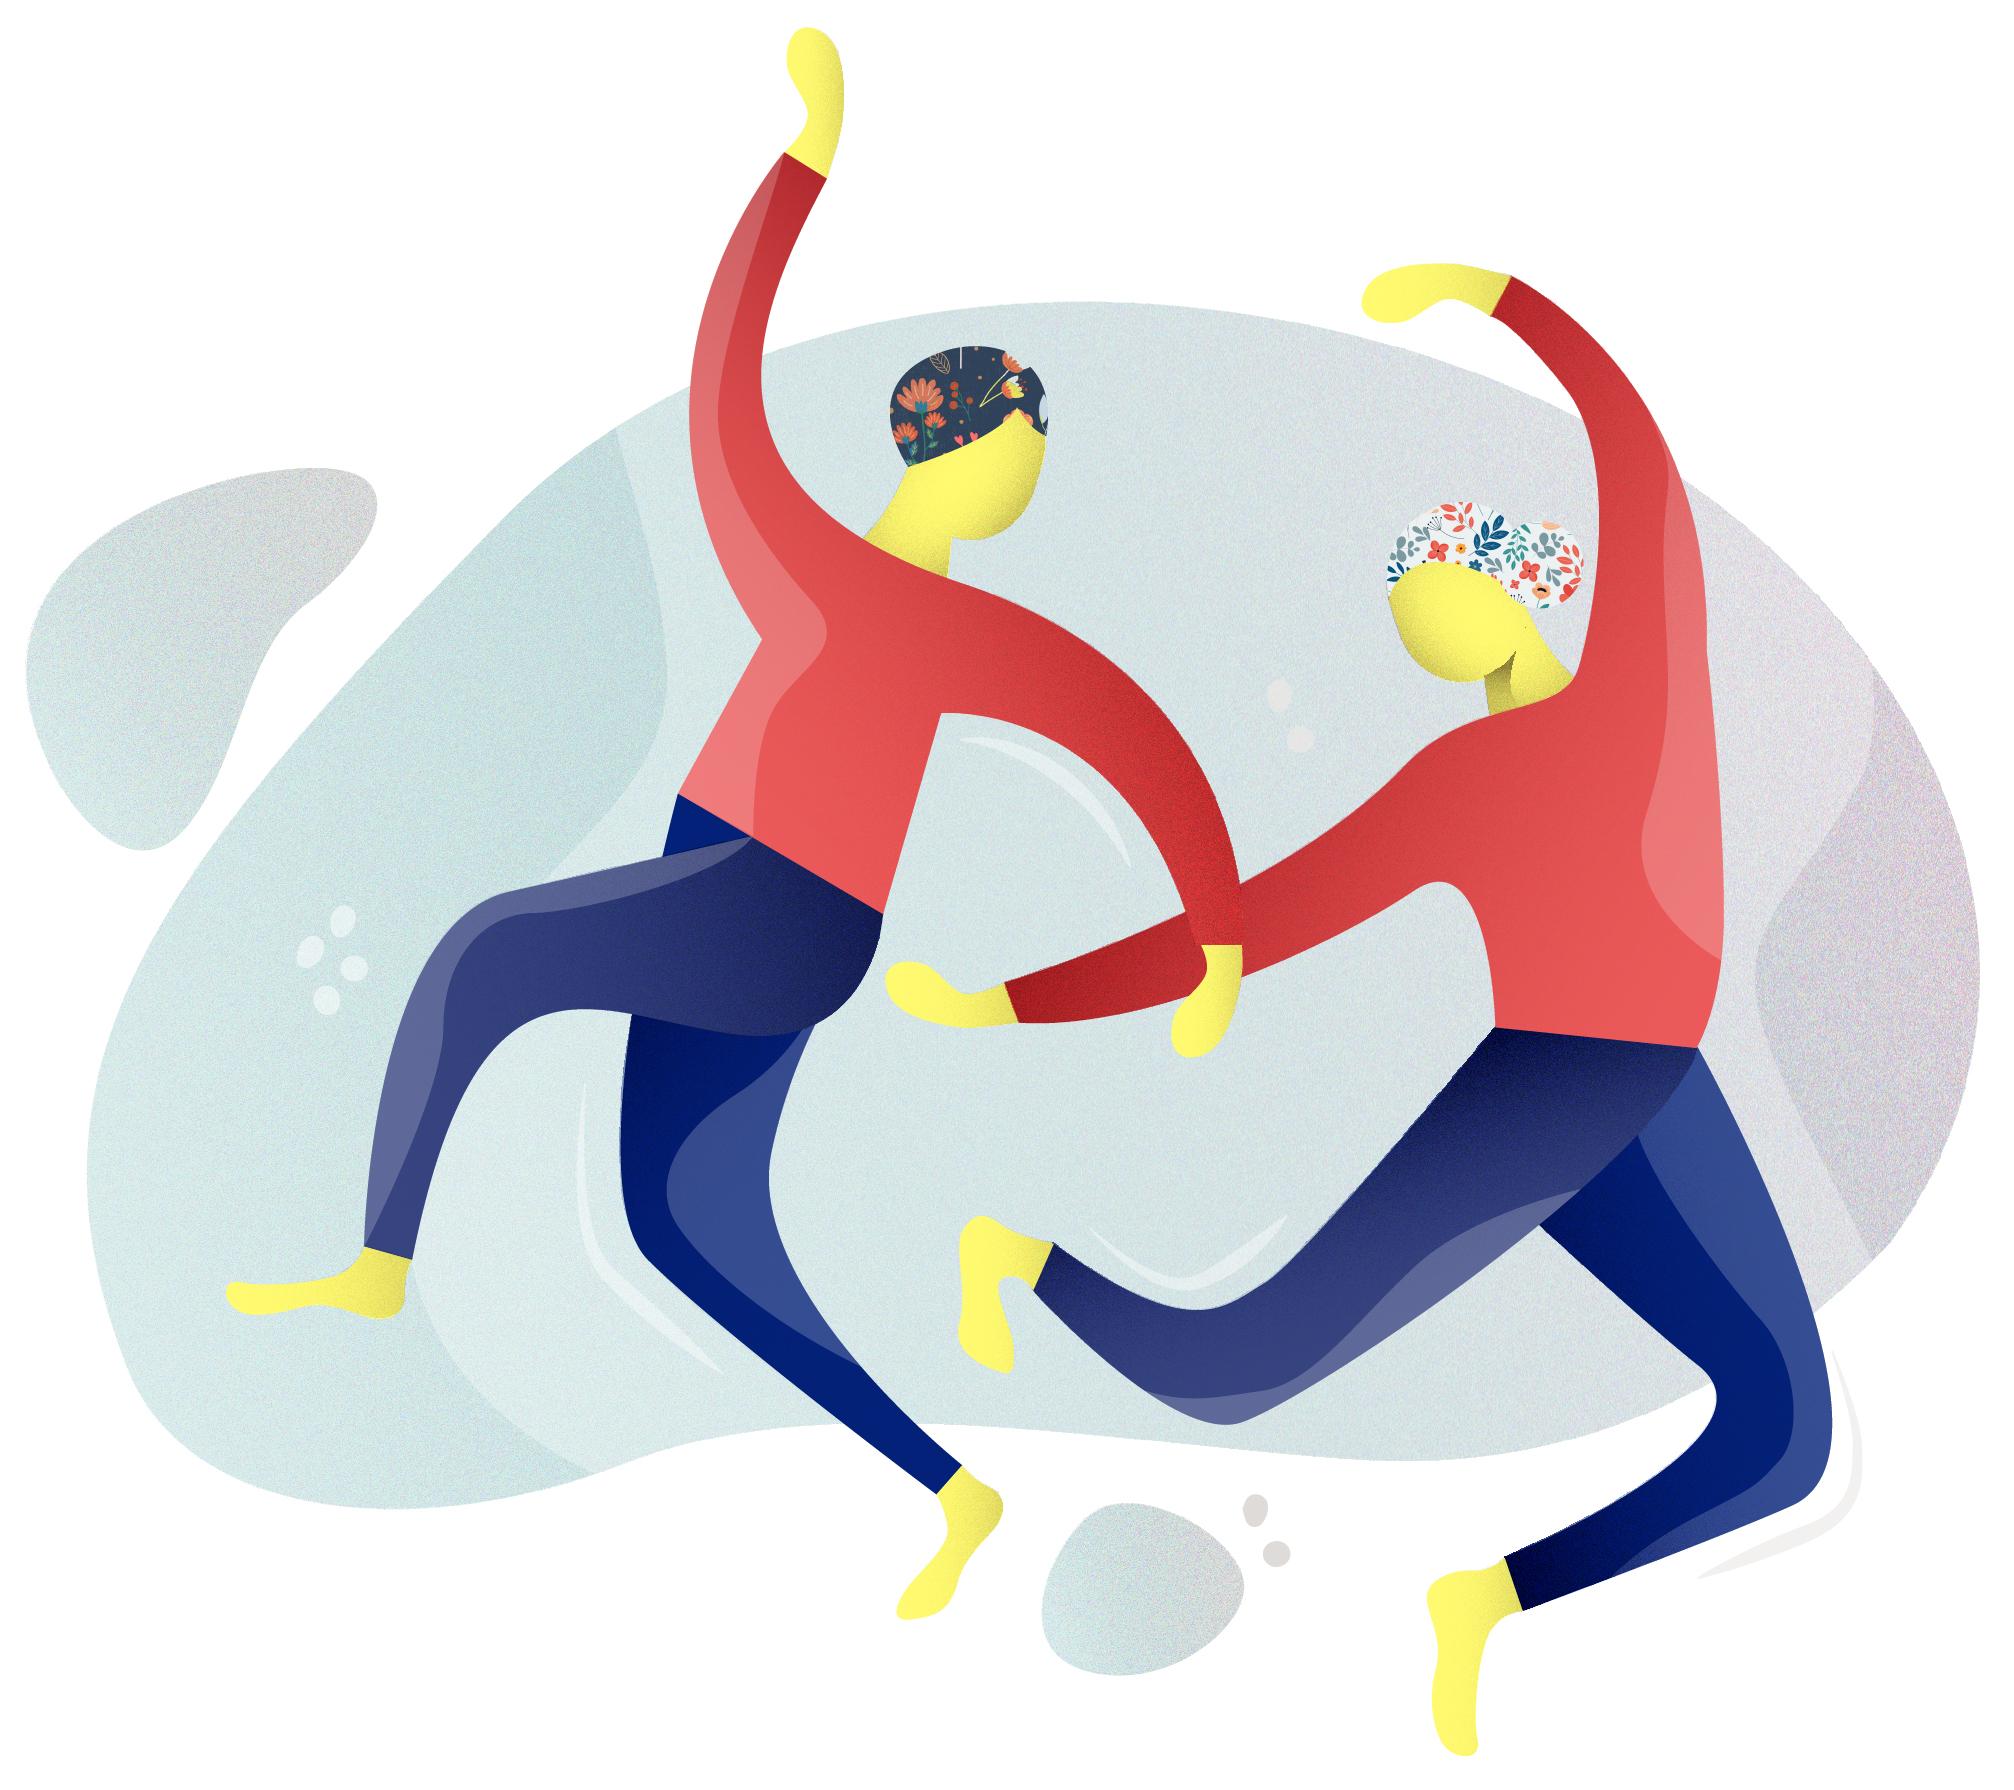 Zu sehen ist eine Illustration. Zwei Personen die in der Luft schweben und tanzende Bewegungen machen. Beide tragen Kopftücher mit einem Blumenmuster, rote Langarm Shirts und blaue Hosen.